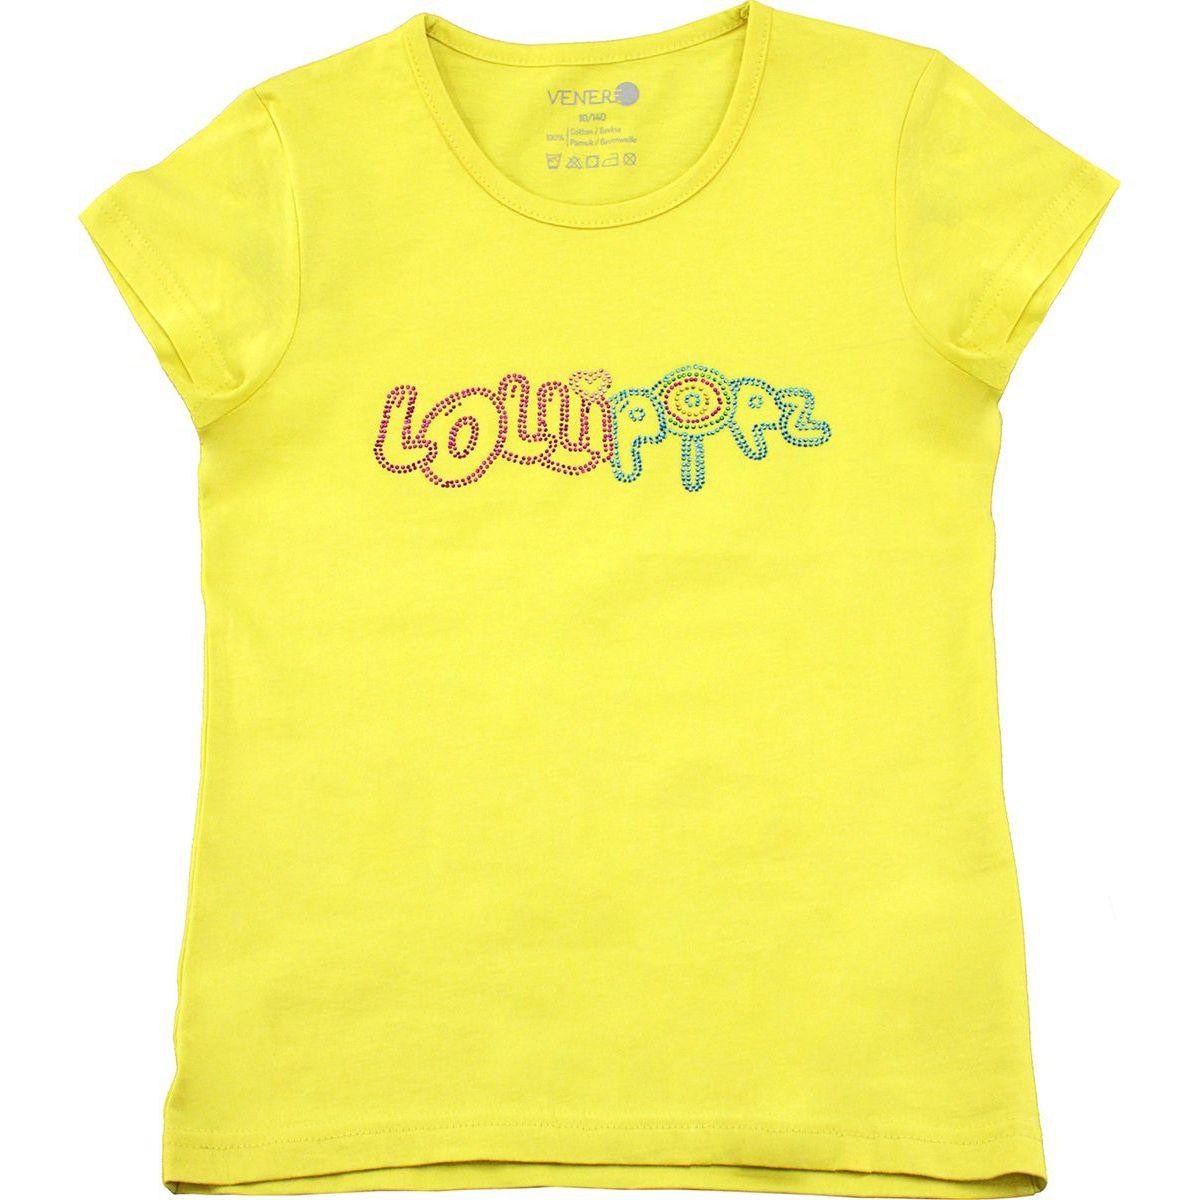 Tričko Lollipopz s kamínkovou aplikací žluté, velikost 140 cm (10 let)